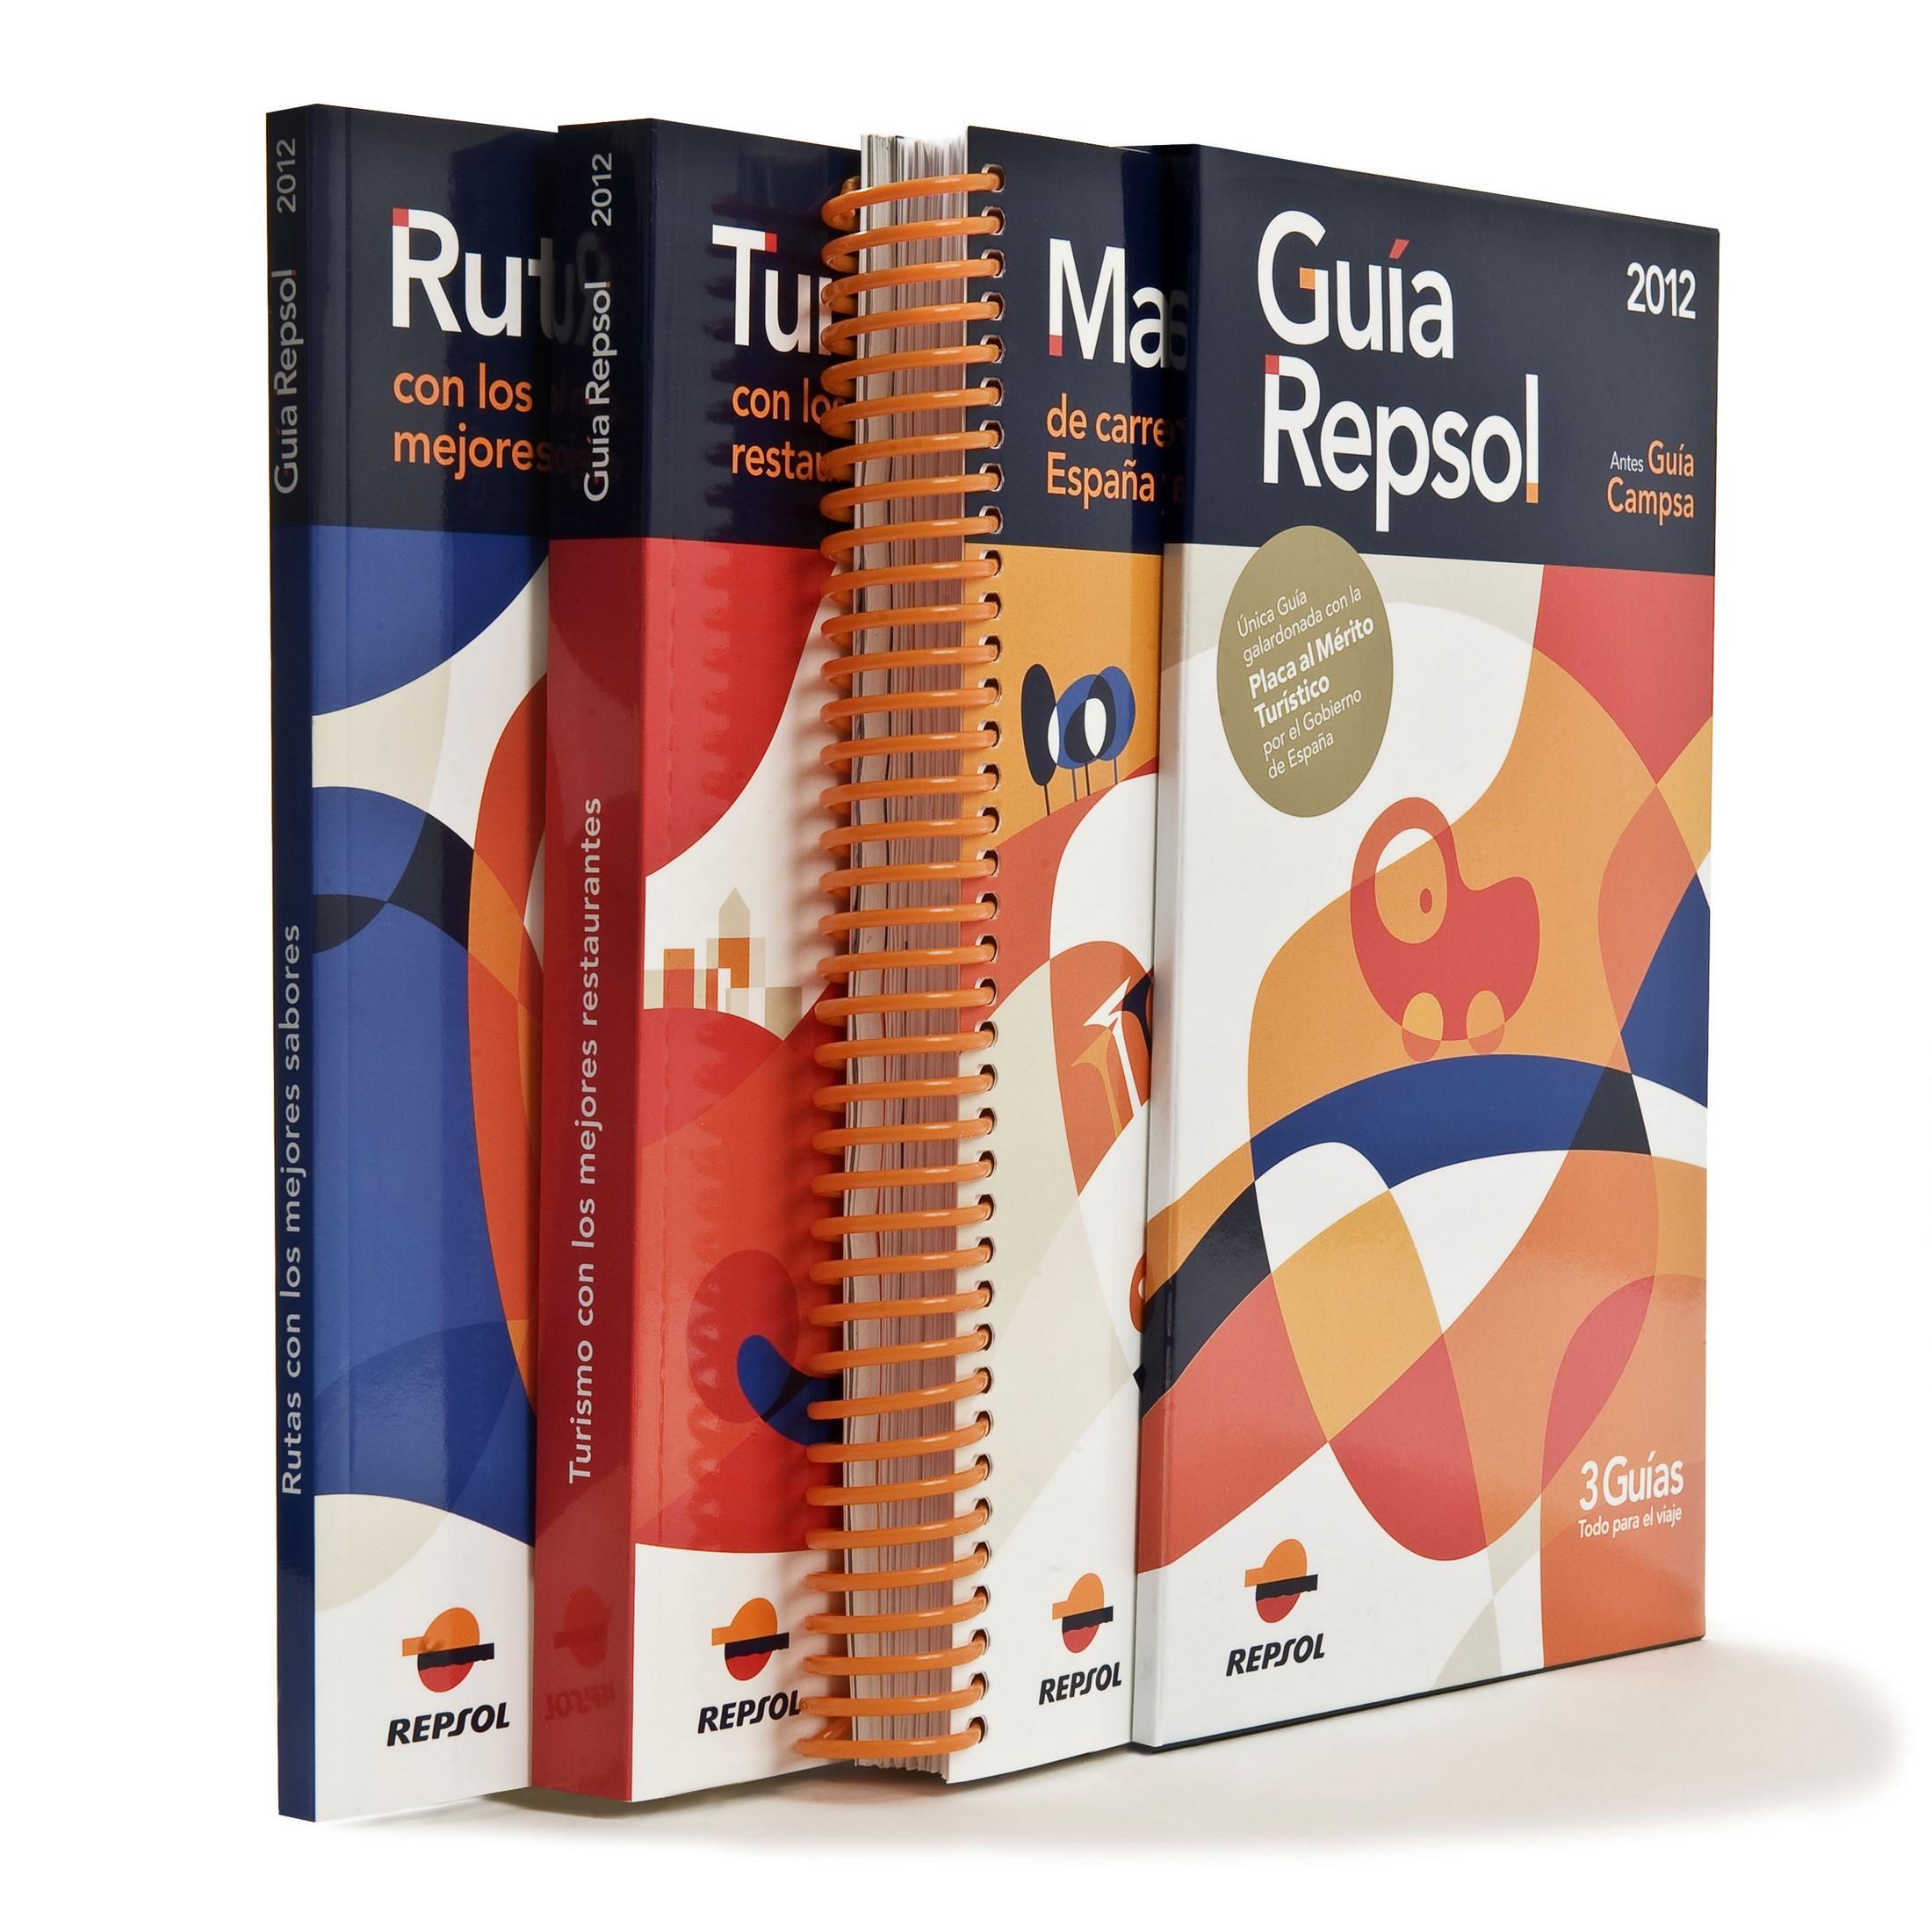 Guia-Repsol 2012